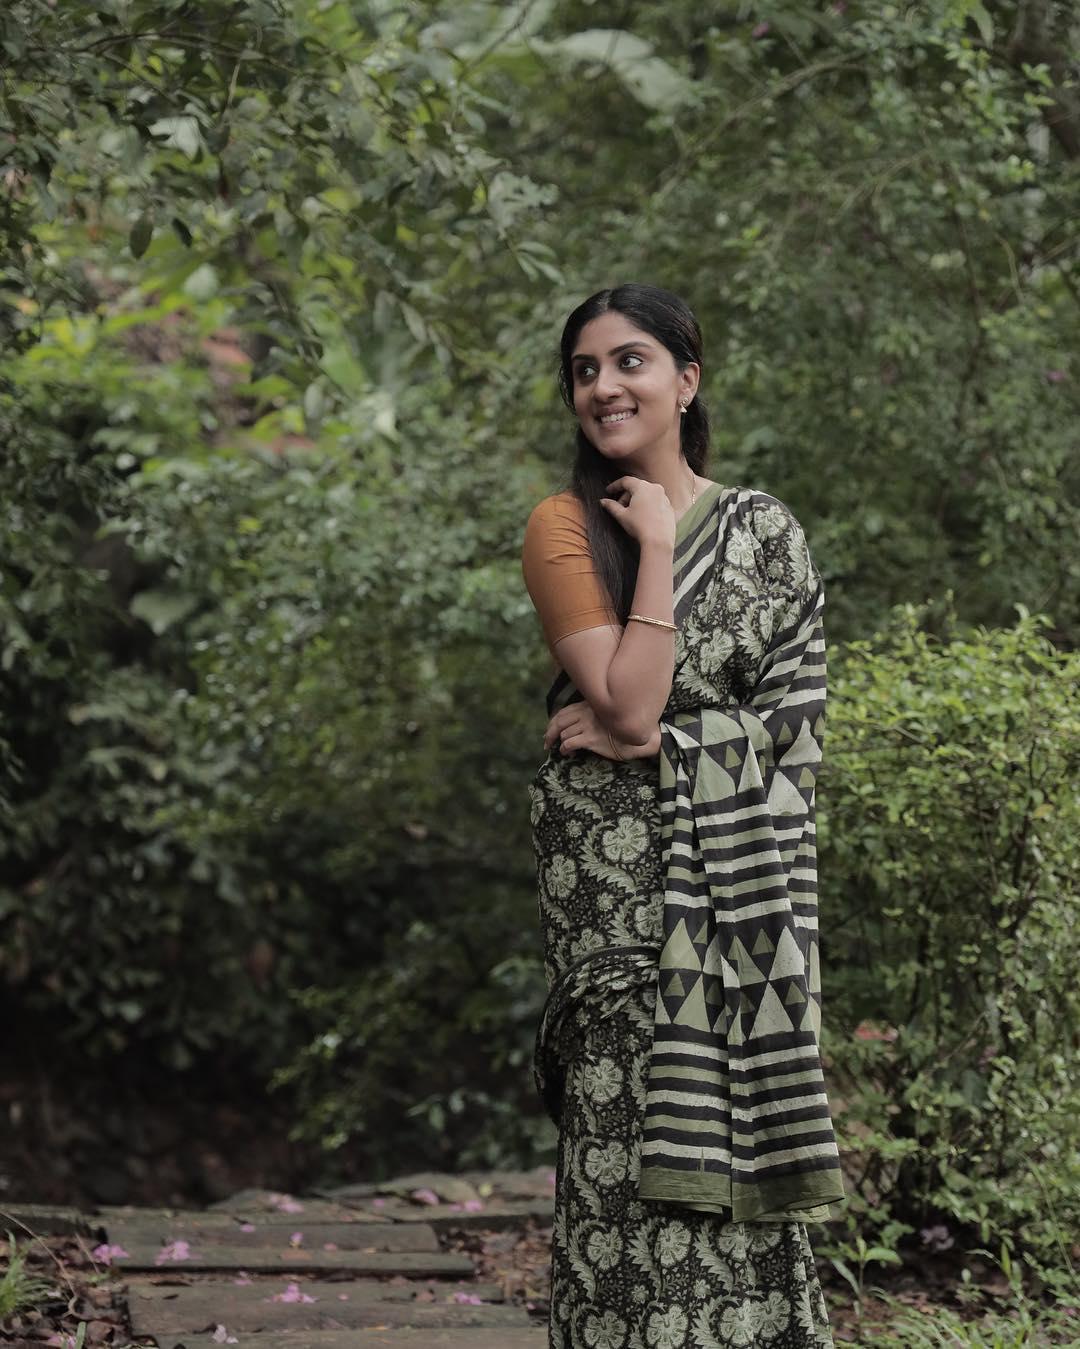 ధన్యా బాలకృష్ణ ఇన్స్టాగ్రామ్ ఫోటోలు (Photo: Instagram)